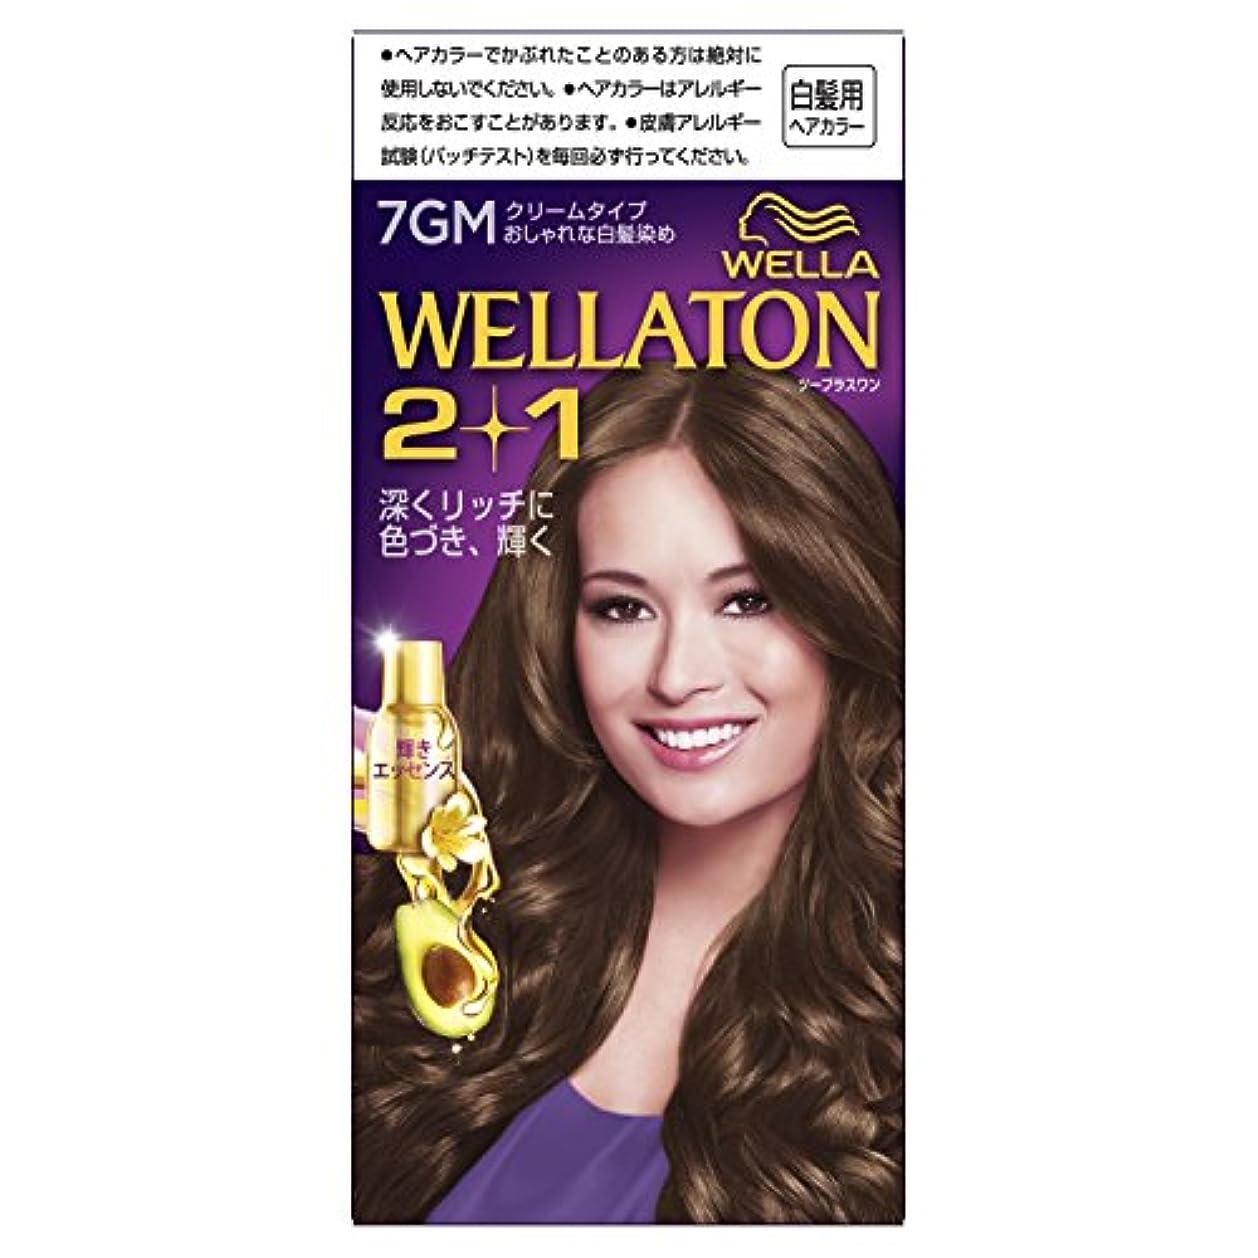 まつげ取り組む火ウエラトーン2+1 クリームタイプ 7GM [医薬部外品](おしゃれな白髪染め)